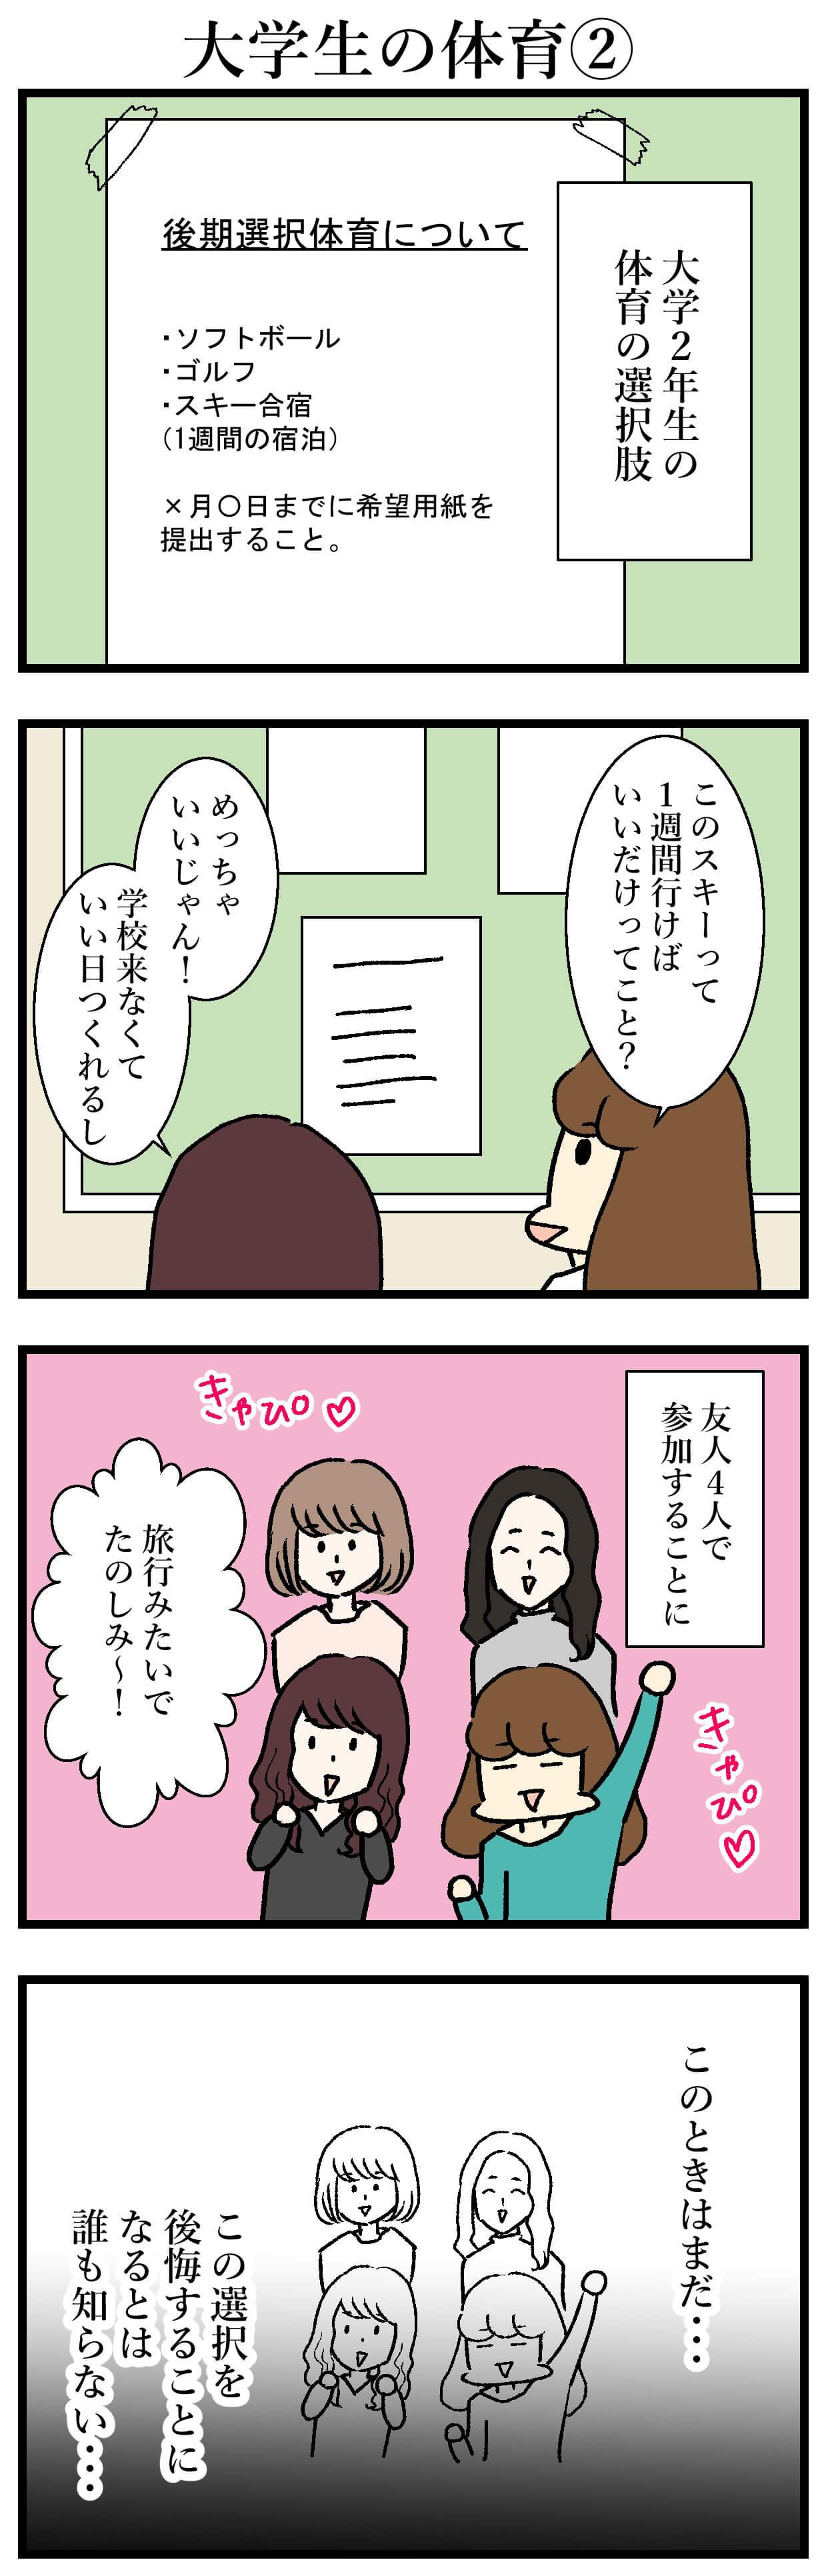 【エッセイ漫画】アラサー主婦くま子のふがいない日常(95)